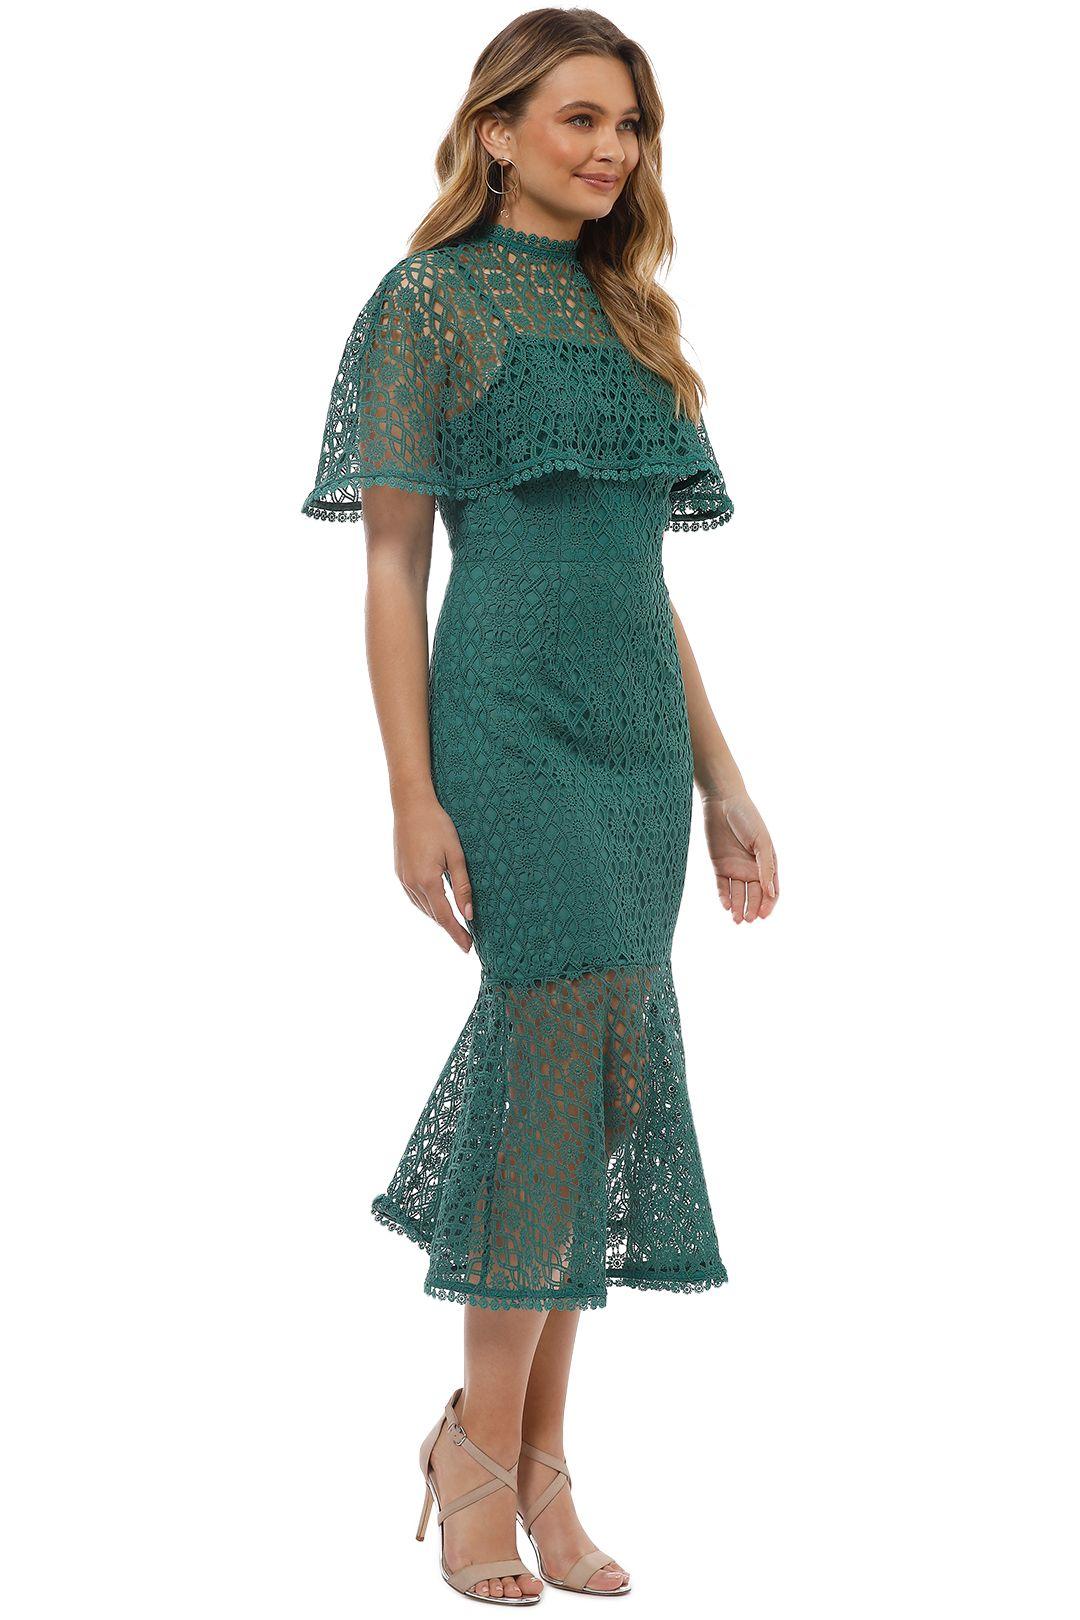 Grace and Hart - Dentelle Midi Dress - Pine - Side